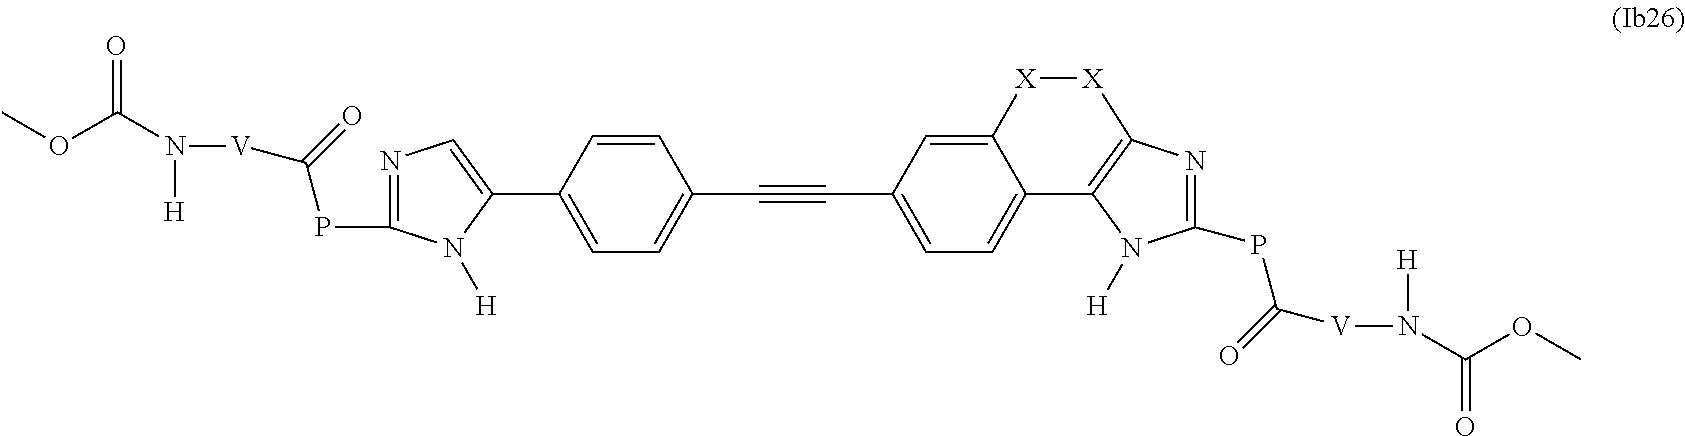 Figure US08841278-20140923-C00378